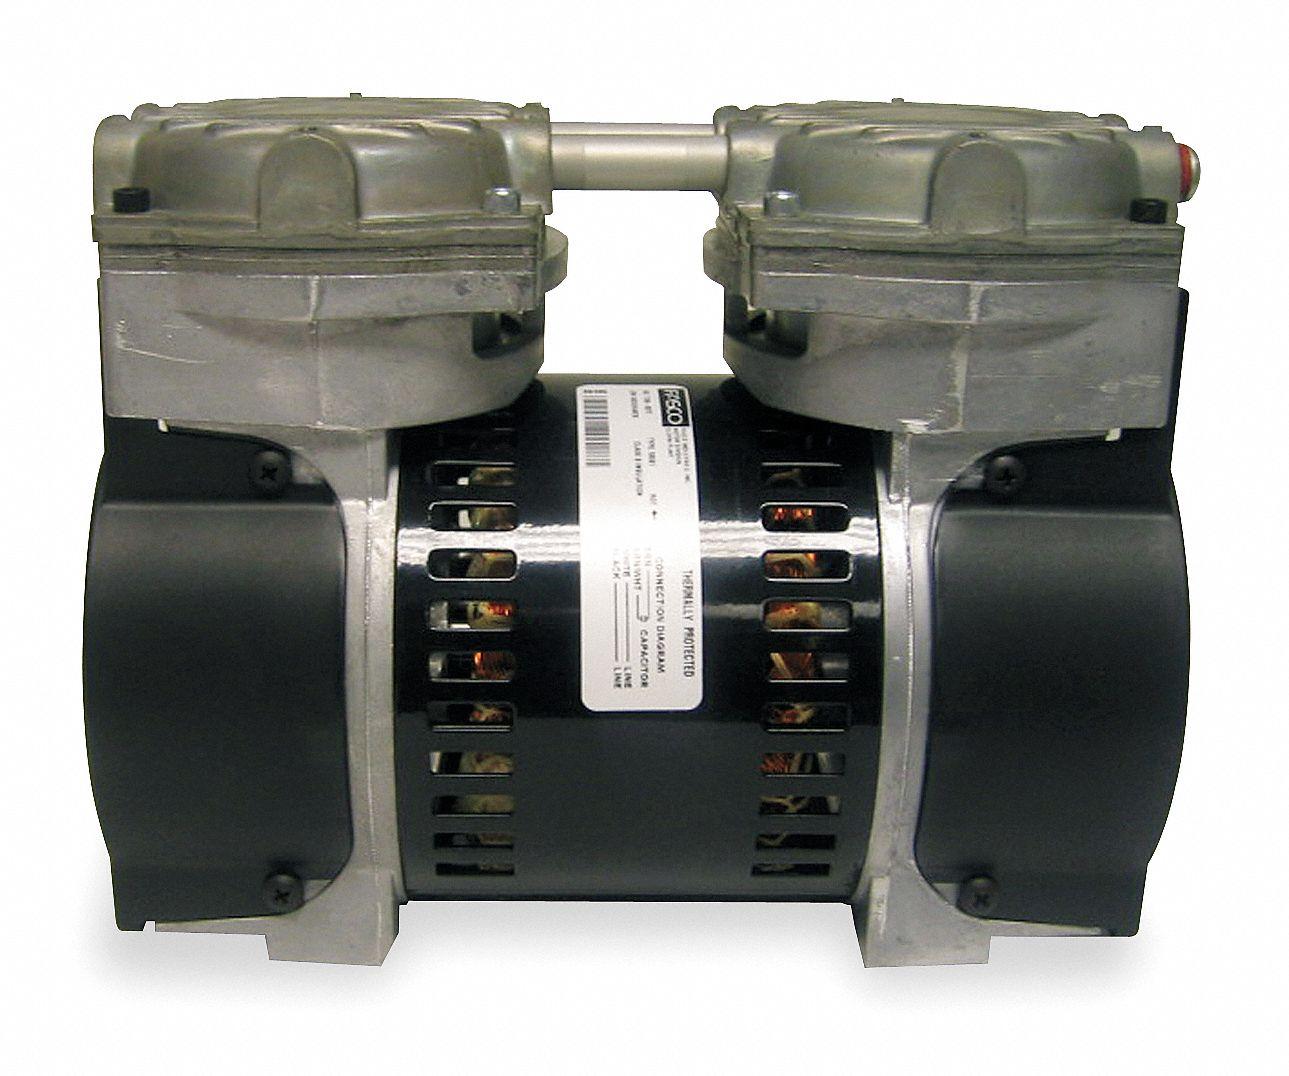 Gast 1 3 Hp Piston Air Compressor Vacuum Pump 115vac 30 30 Max Psi Cont Int 5ka77 75r635 P251 H301x Grainger